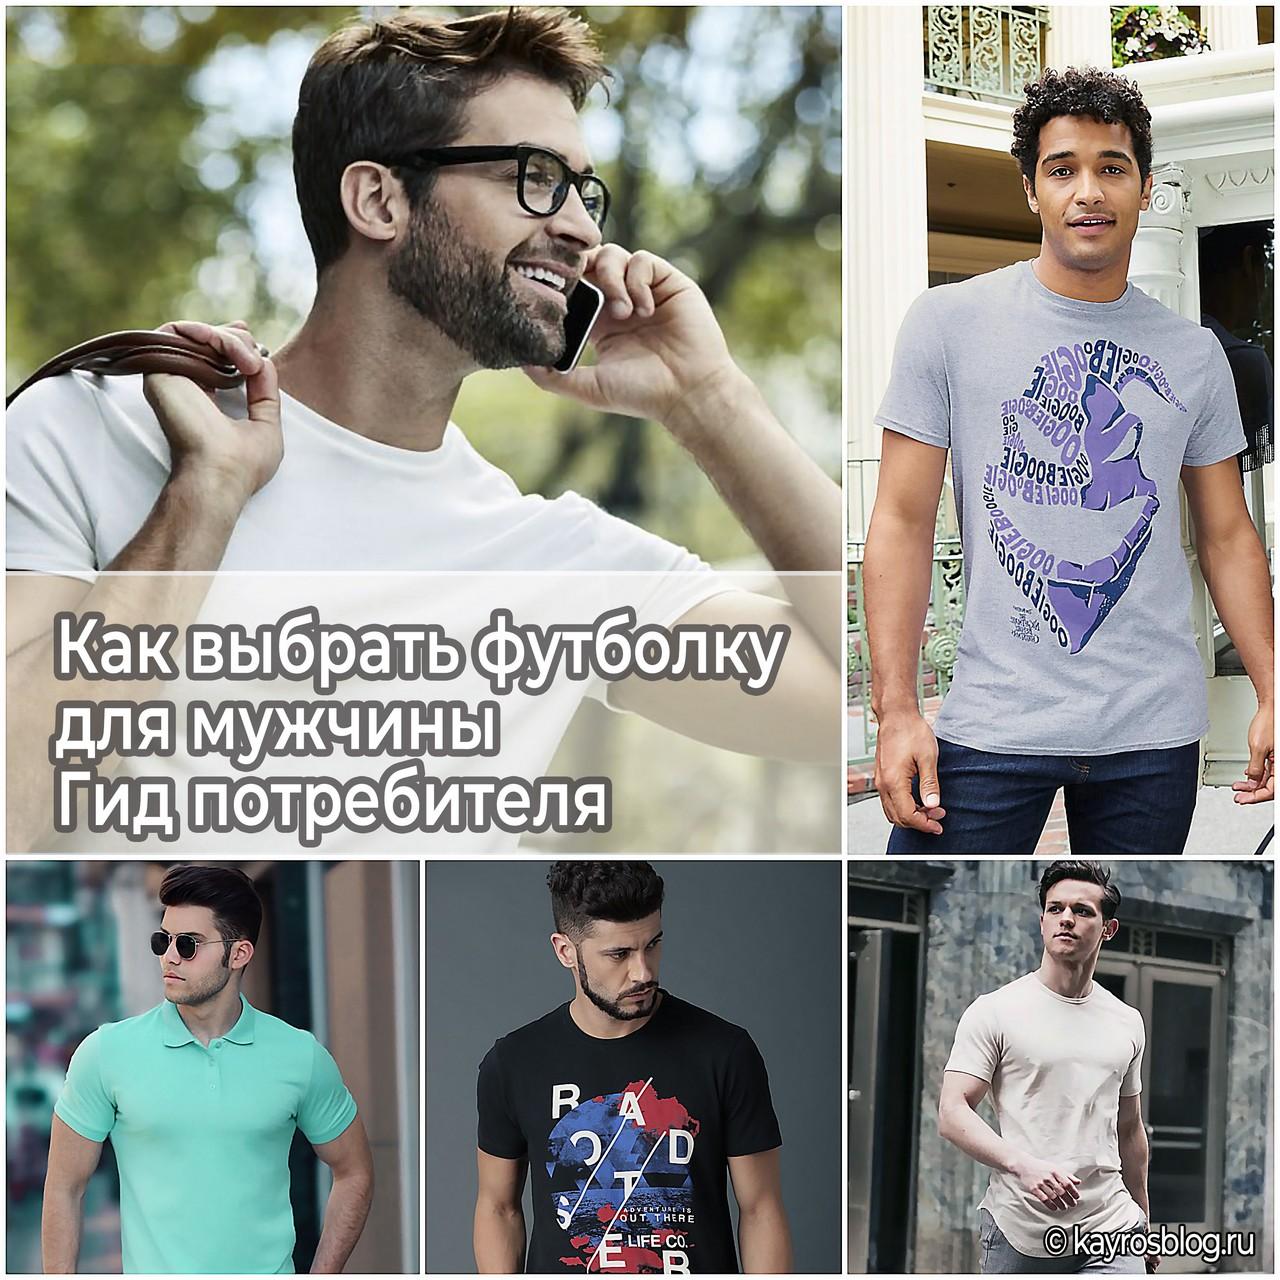 Как выбрать футболку для мужчины - Гид потребителя